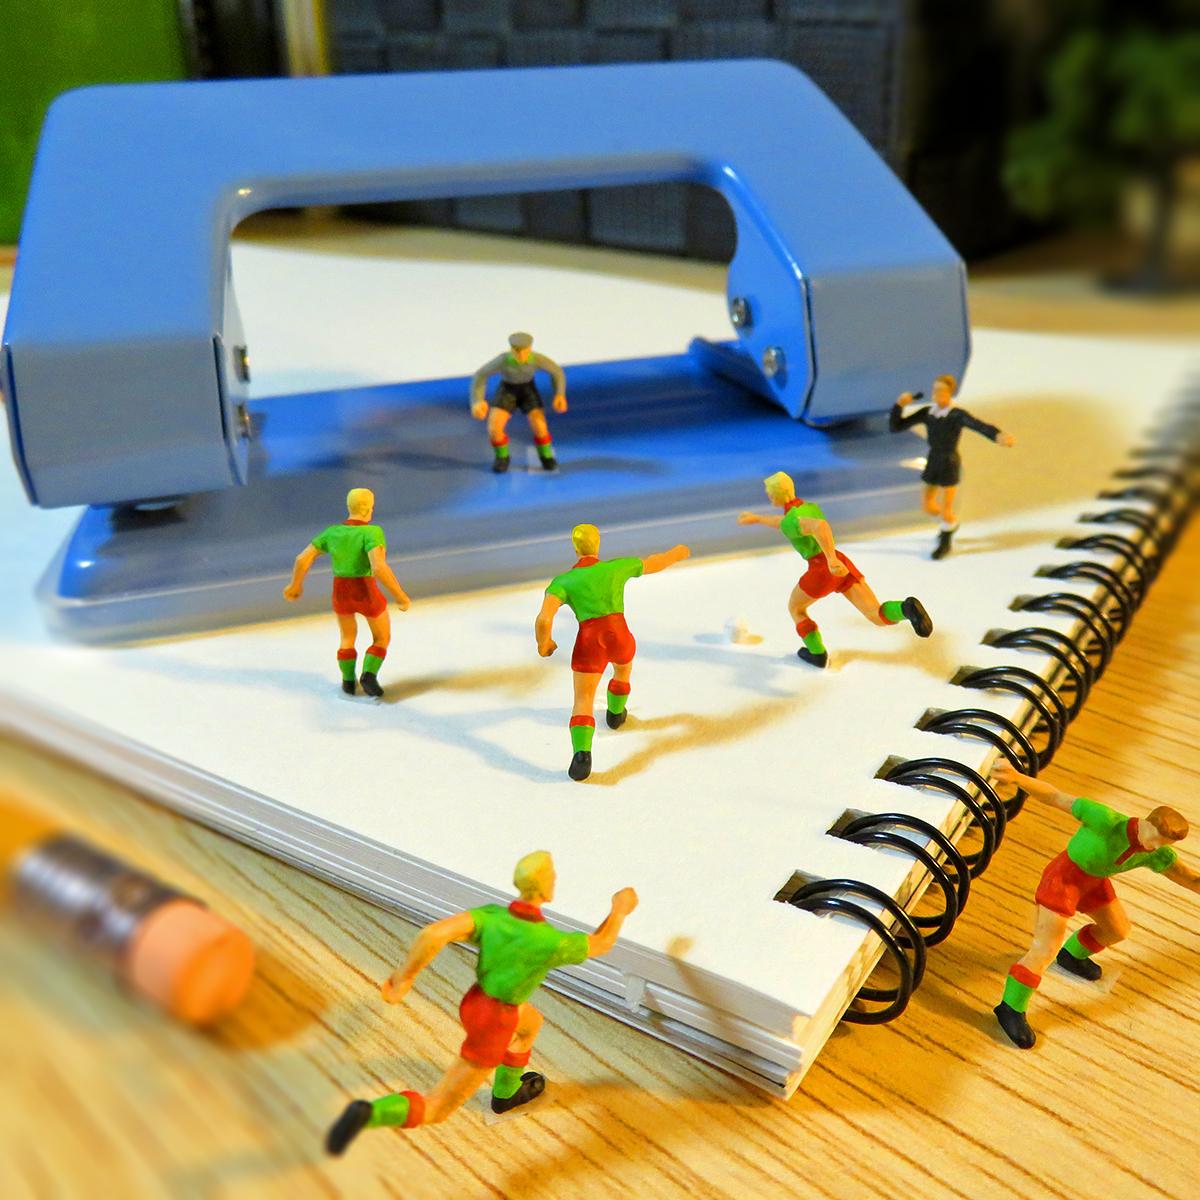 穴あけパンチのゴールポストでサッカーするサッカー選手たち